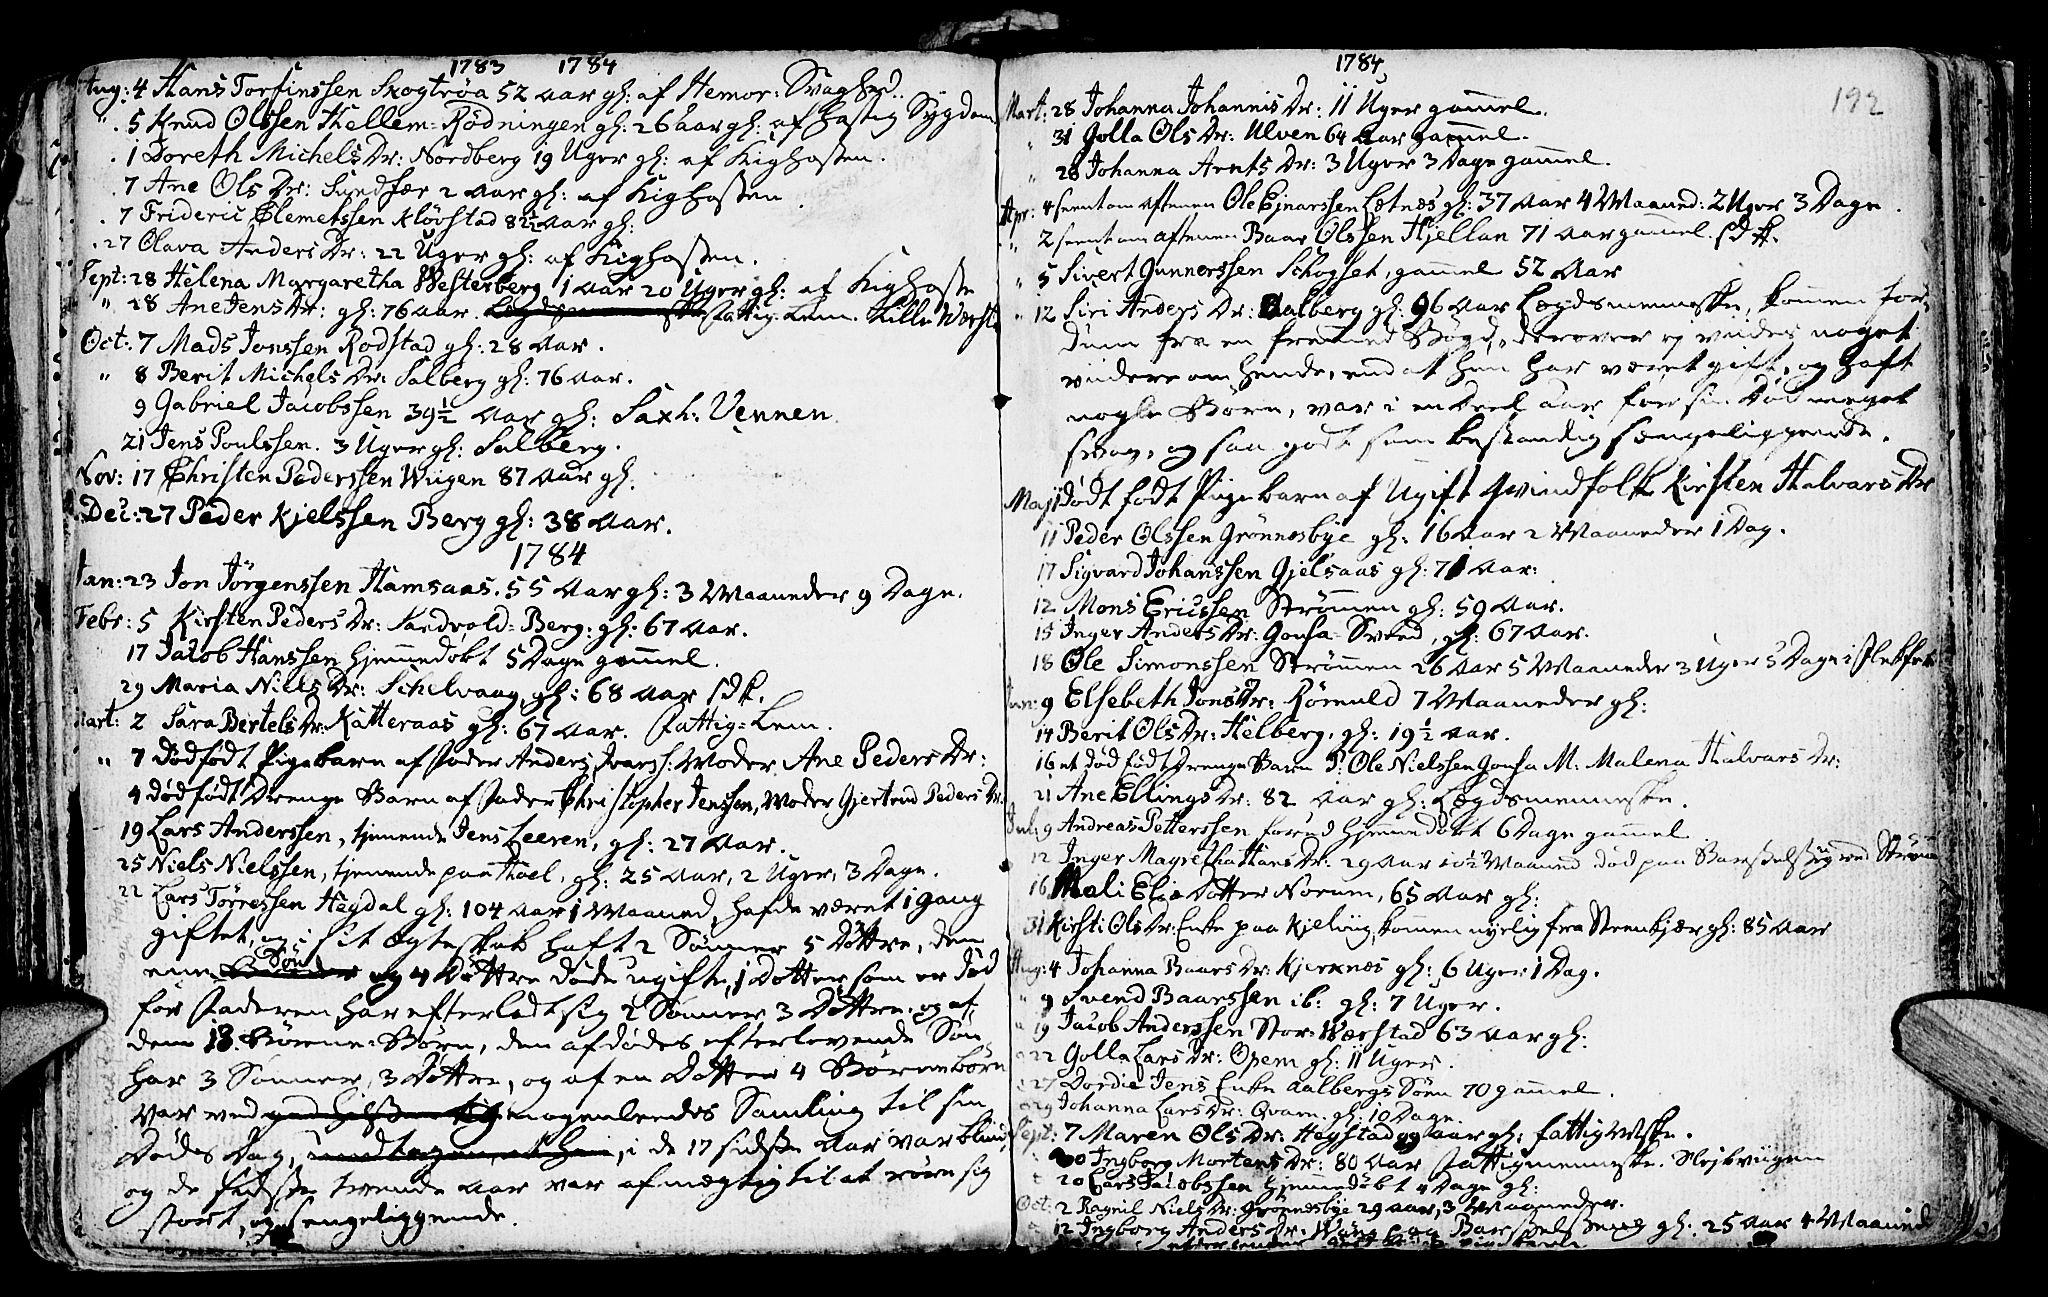 SAT, Ministerialprotokoller, klokkerbøker og fødselsregistre - Nord-Trøndelag, 730/L0273: Ministerialbok nr. 730A02, 1762-1802, s. 192